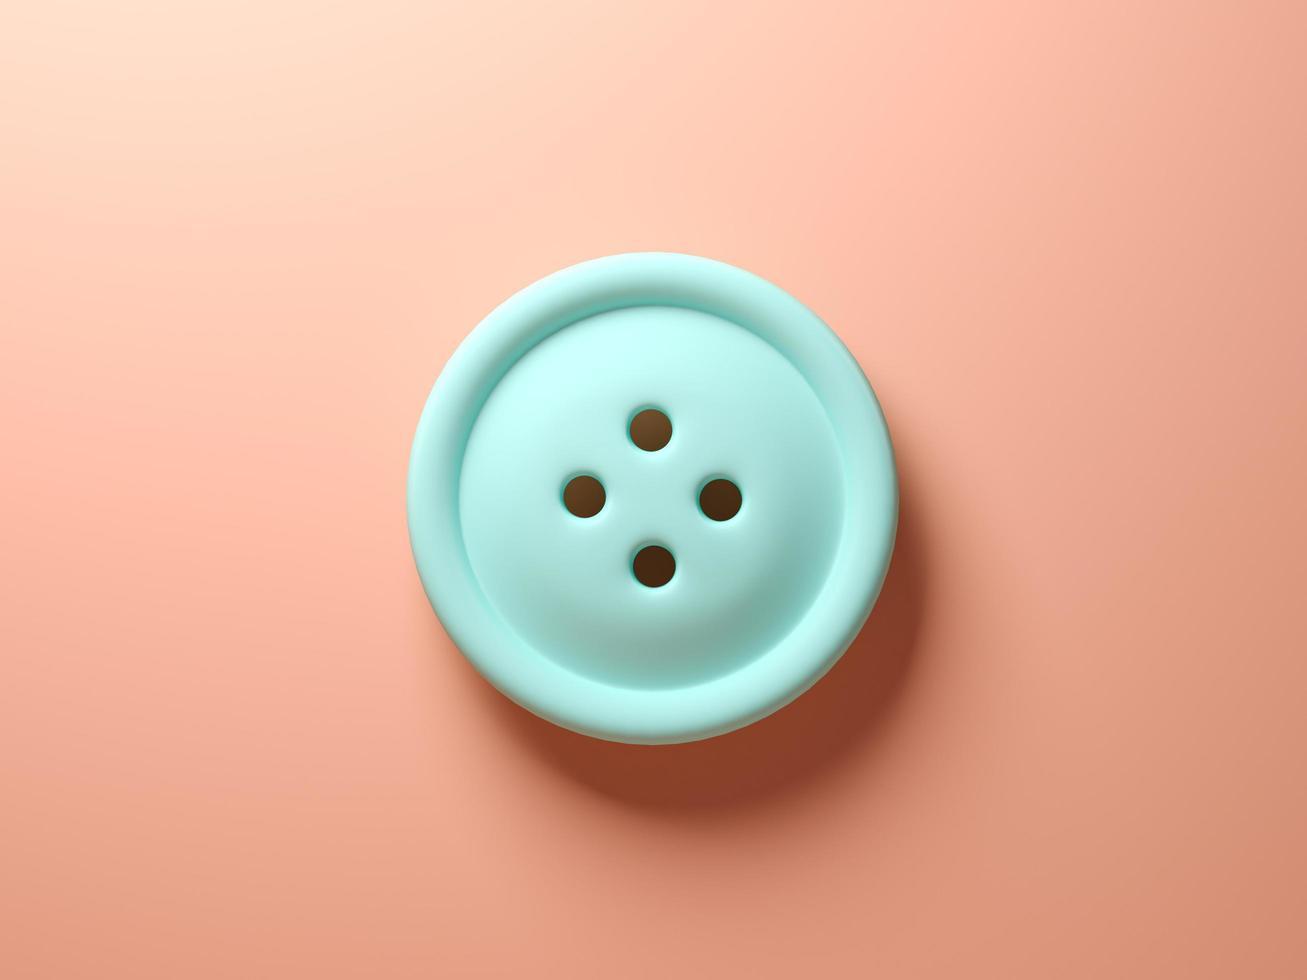 un bouton bleu sur fond rose en rendu 3d photo